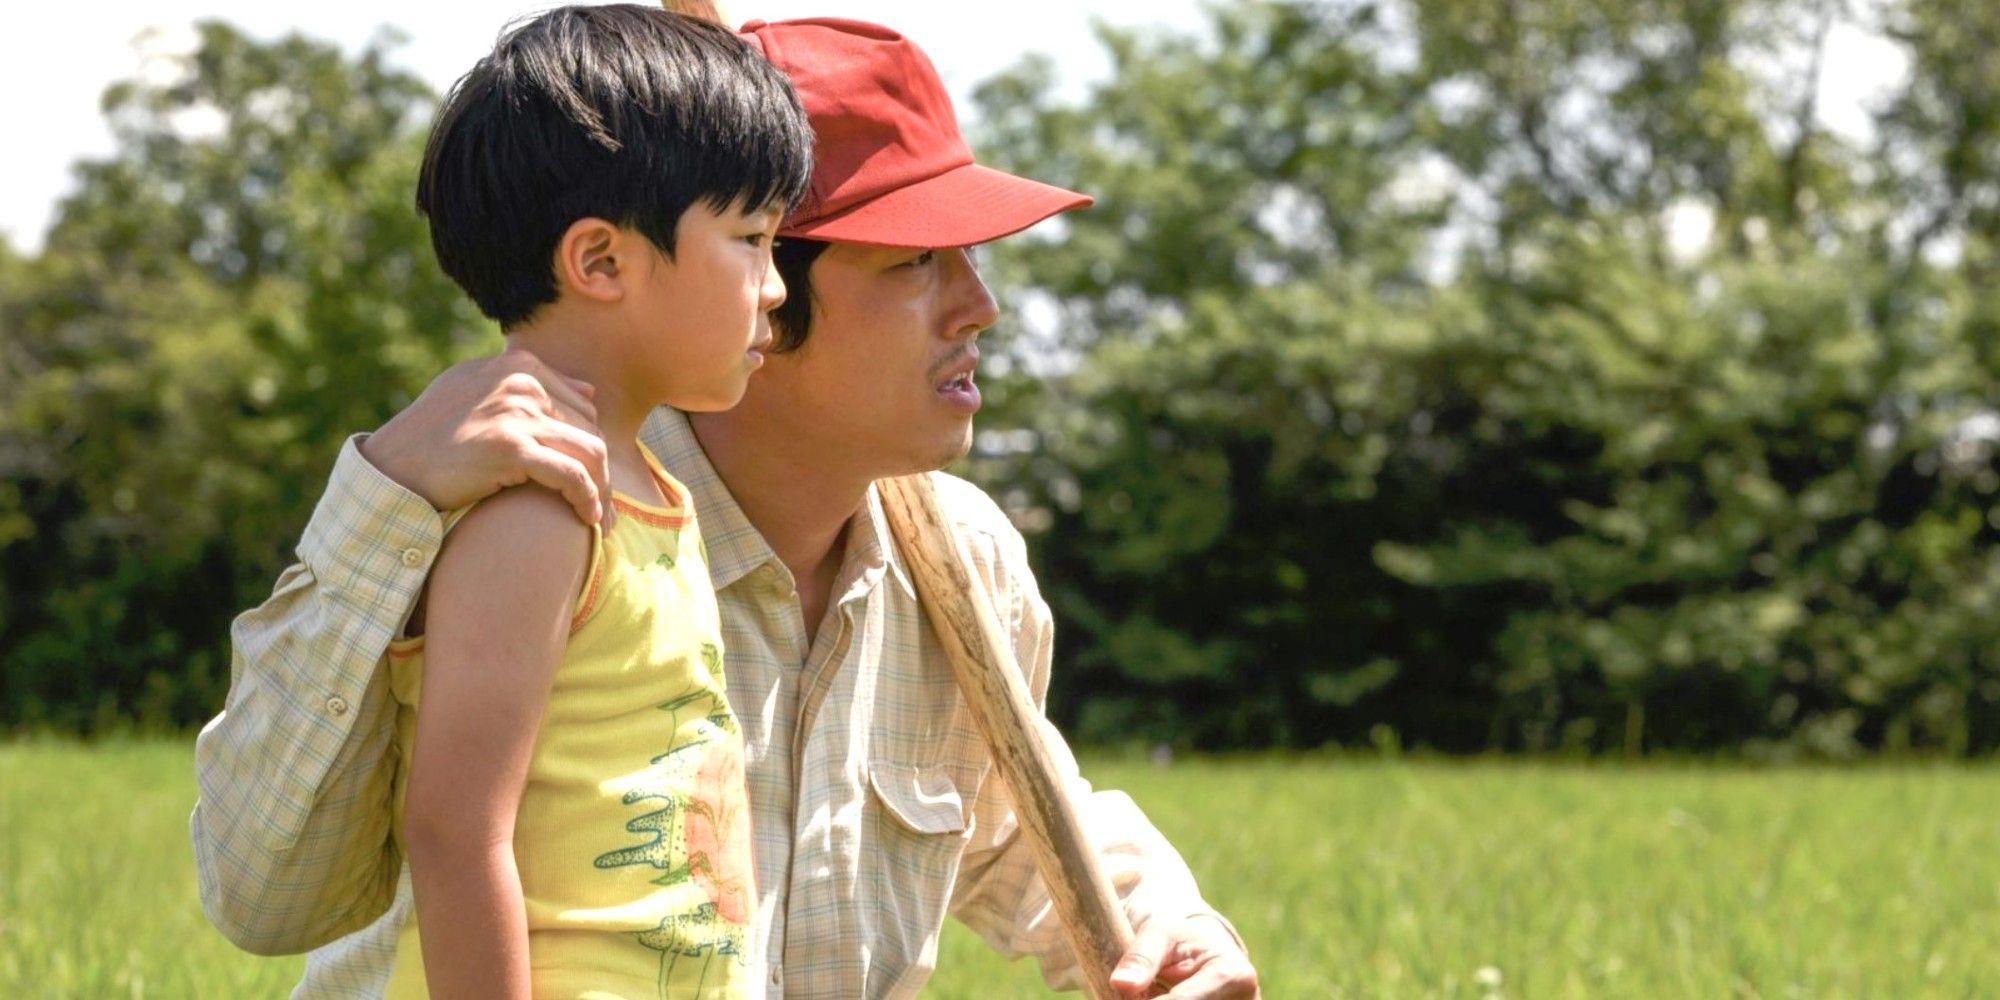 Steven Yeun's Minari Gets February On Demand Release Date